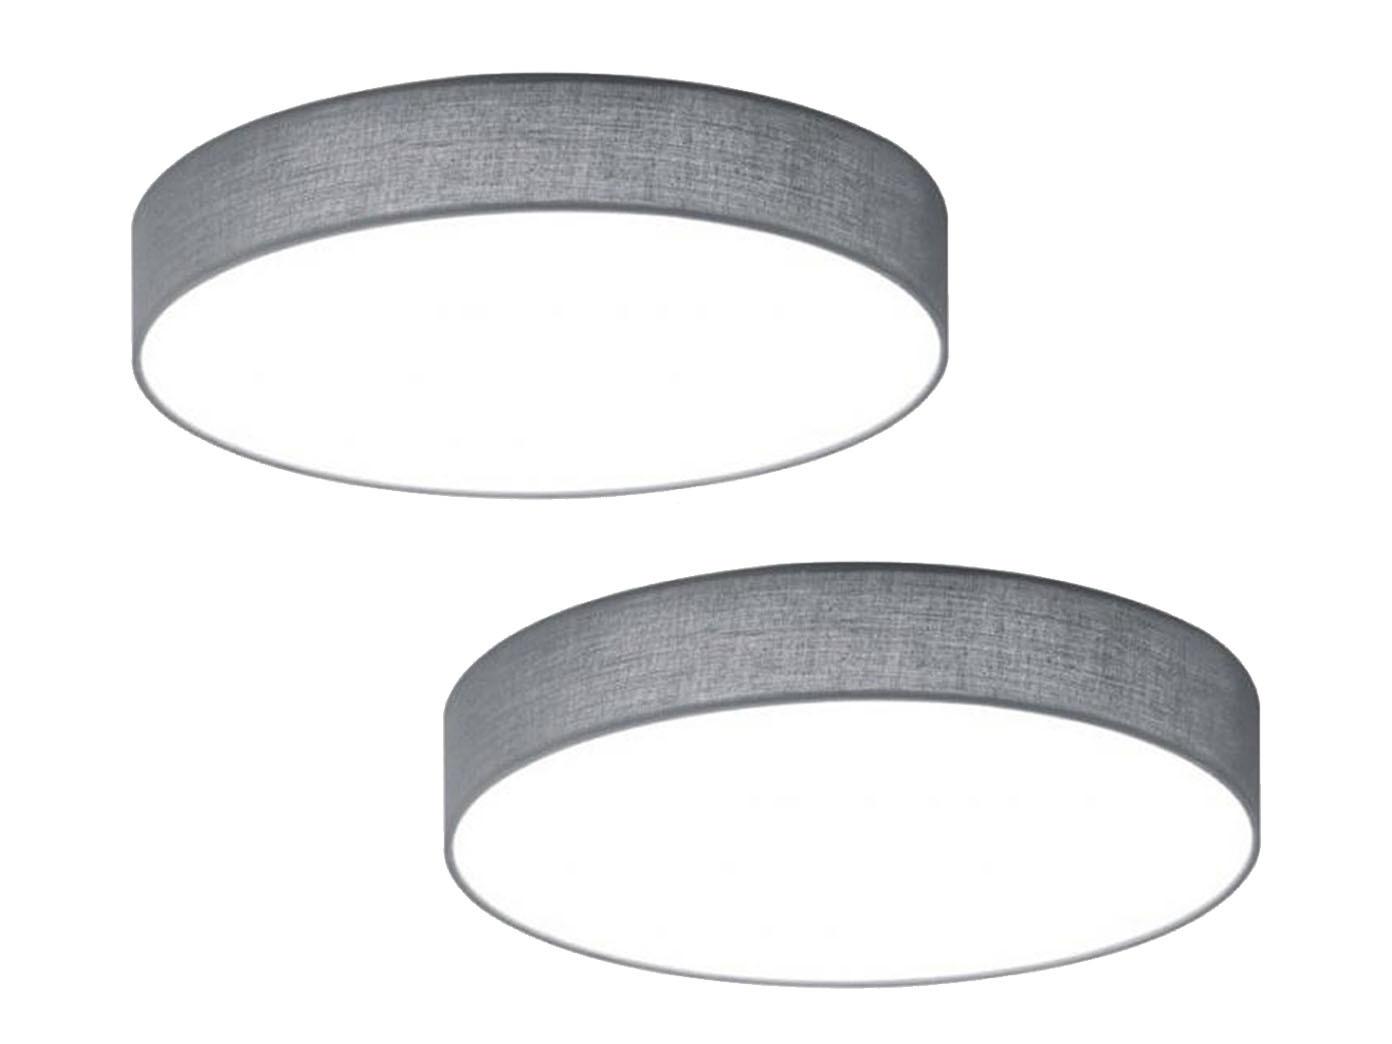 2er Set Trio LED Deckenleuchte dimmbar LUGANO 40cm Stoff grau ...